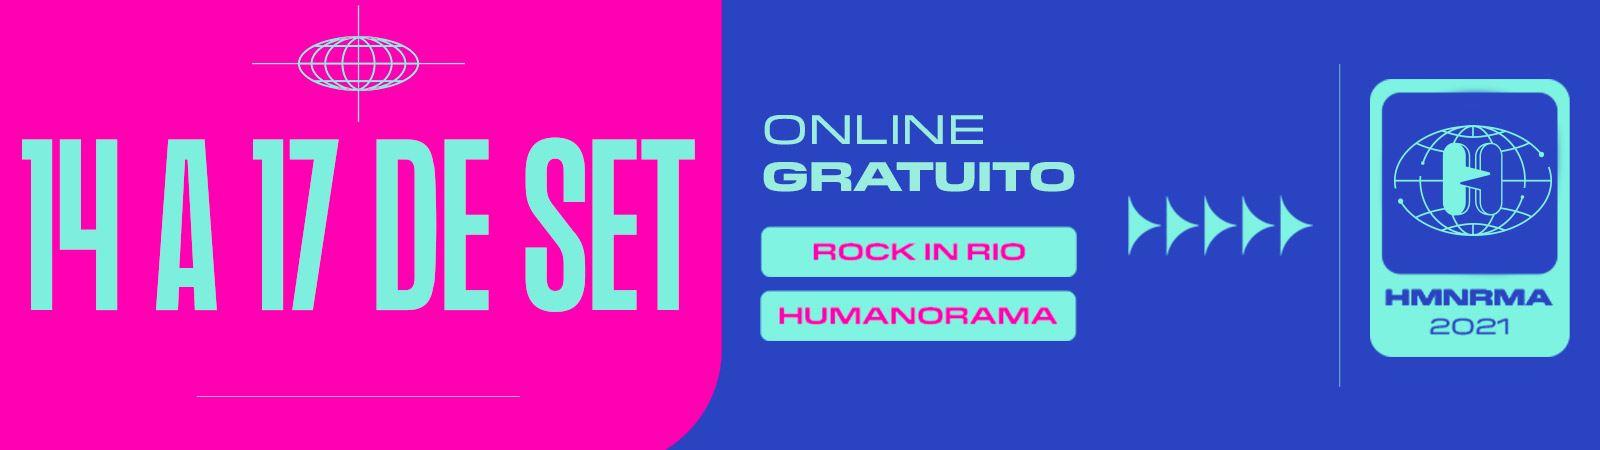 Rock in Rio Humanorama